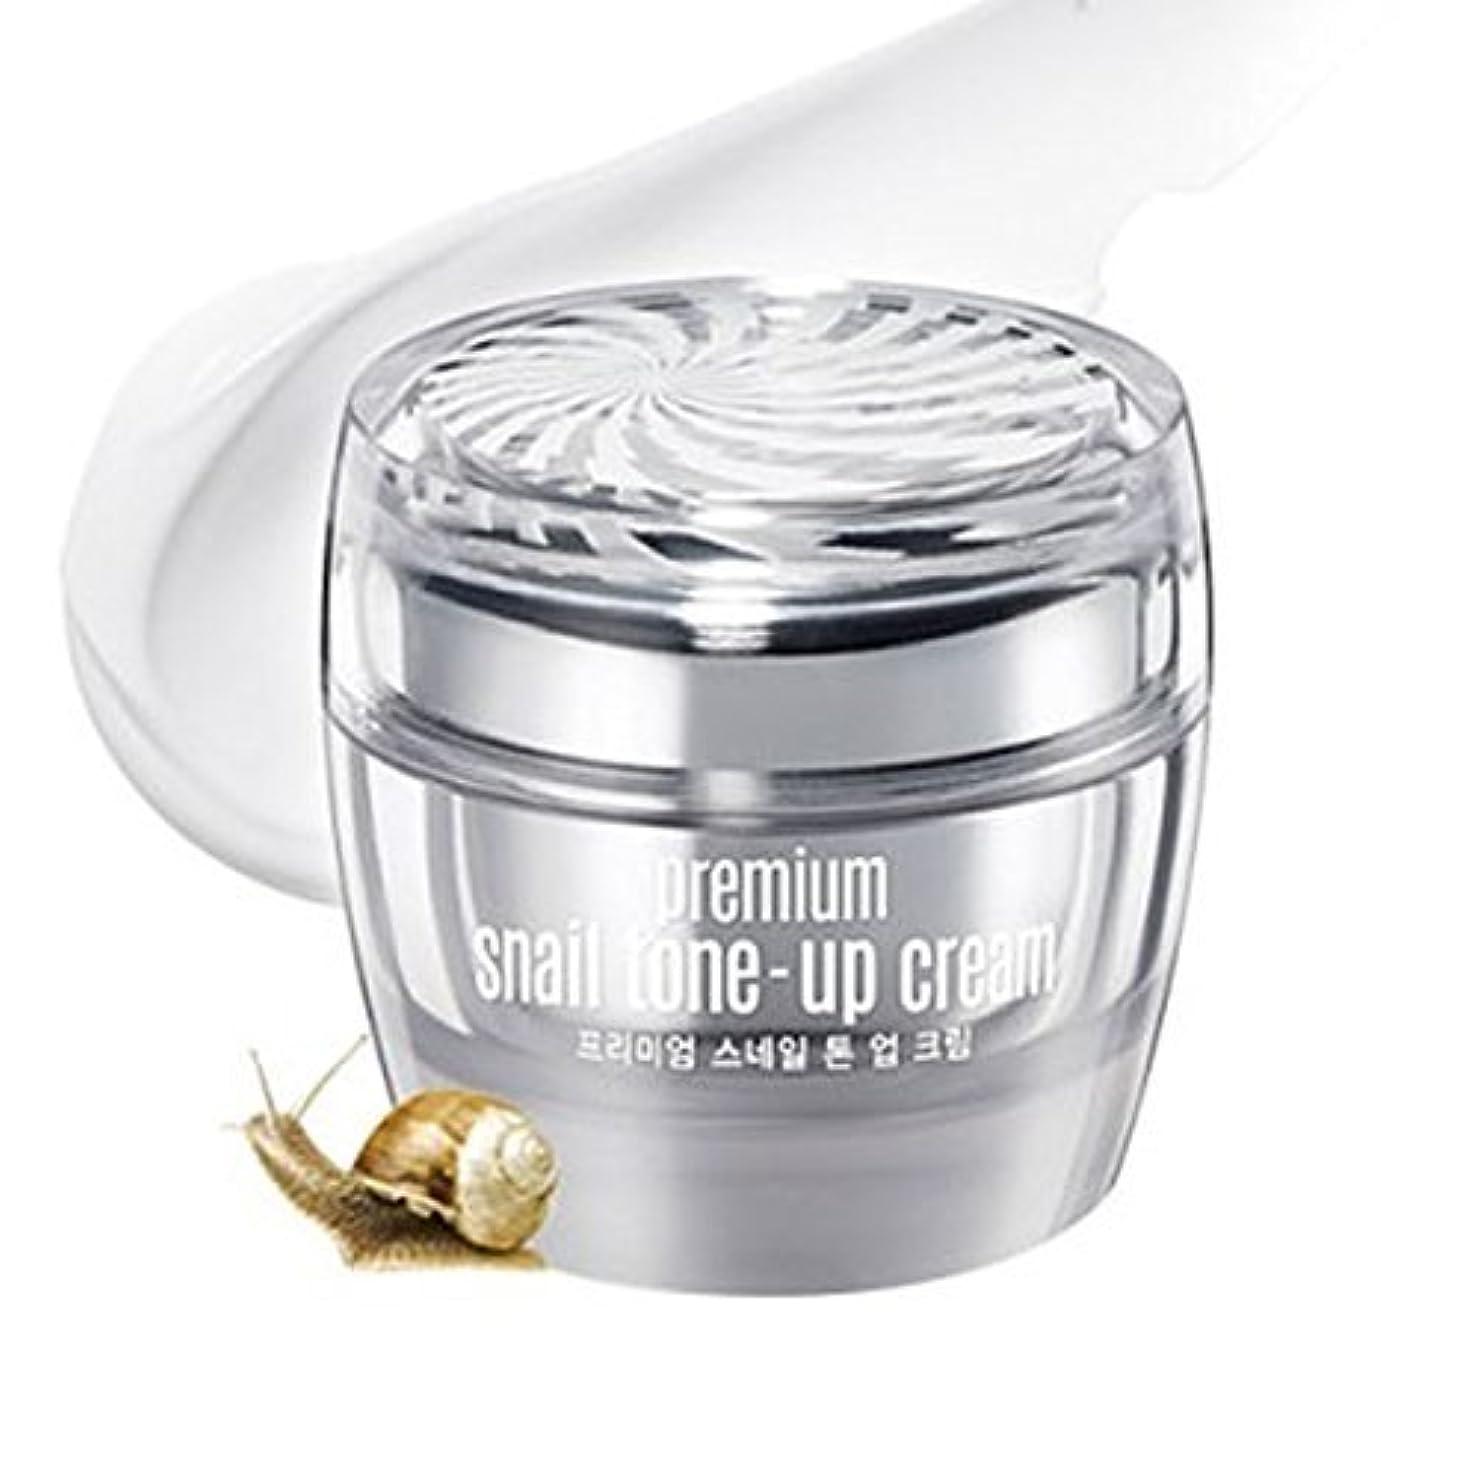 夕暮れ委託パテグーダル プレミアム スネイル トーンアップ クリーム CLIO Goodal Premium Snail Tone Up Whitening Cream 50ml(1.69oz)/Korea Cosmetic [並行輸入品]